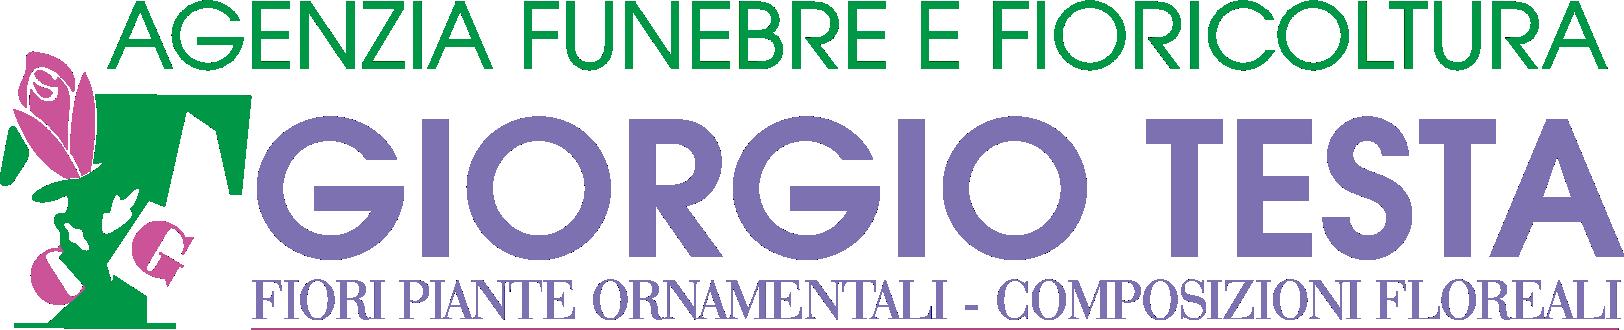 Agenzia Funebre Giorgio Testa Cagliari